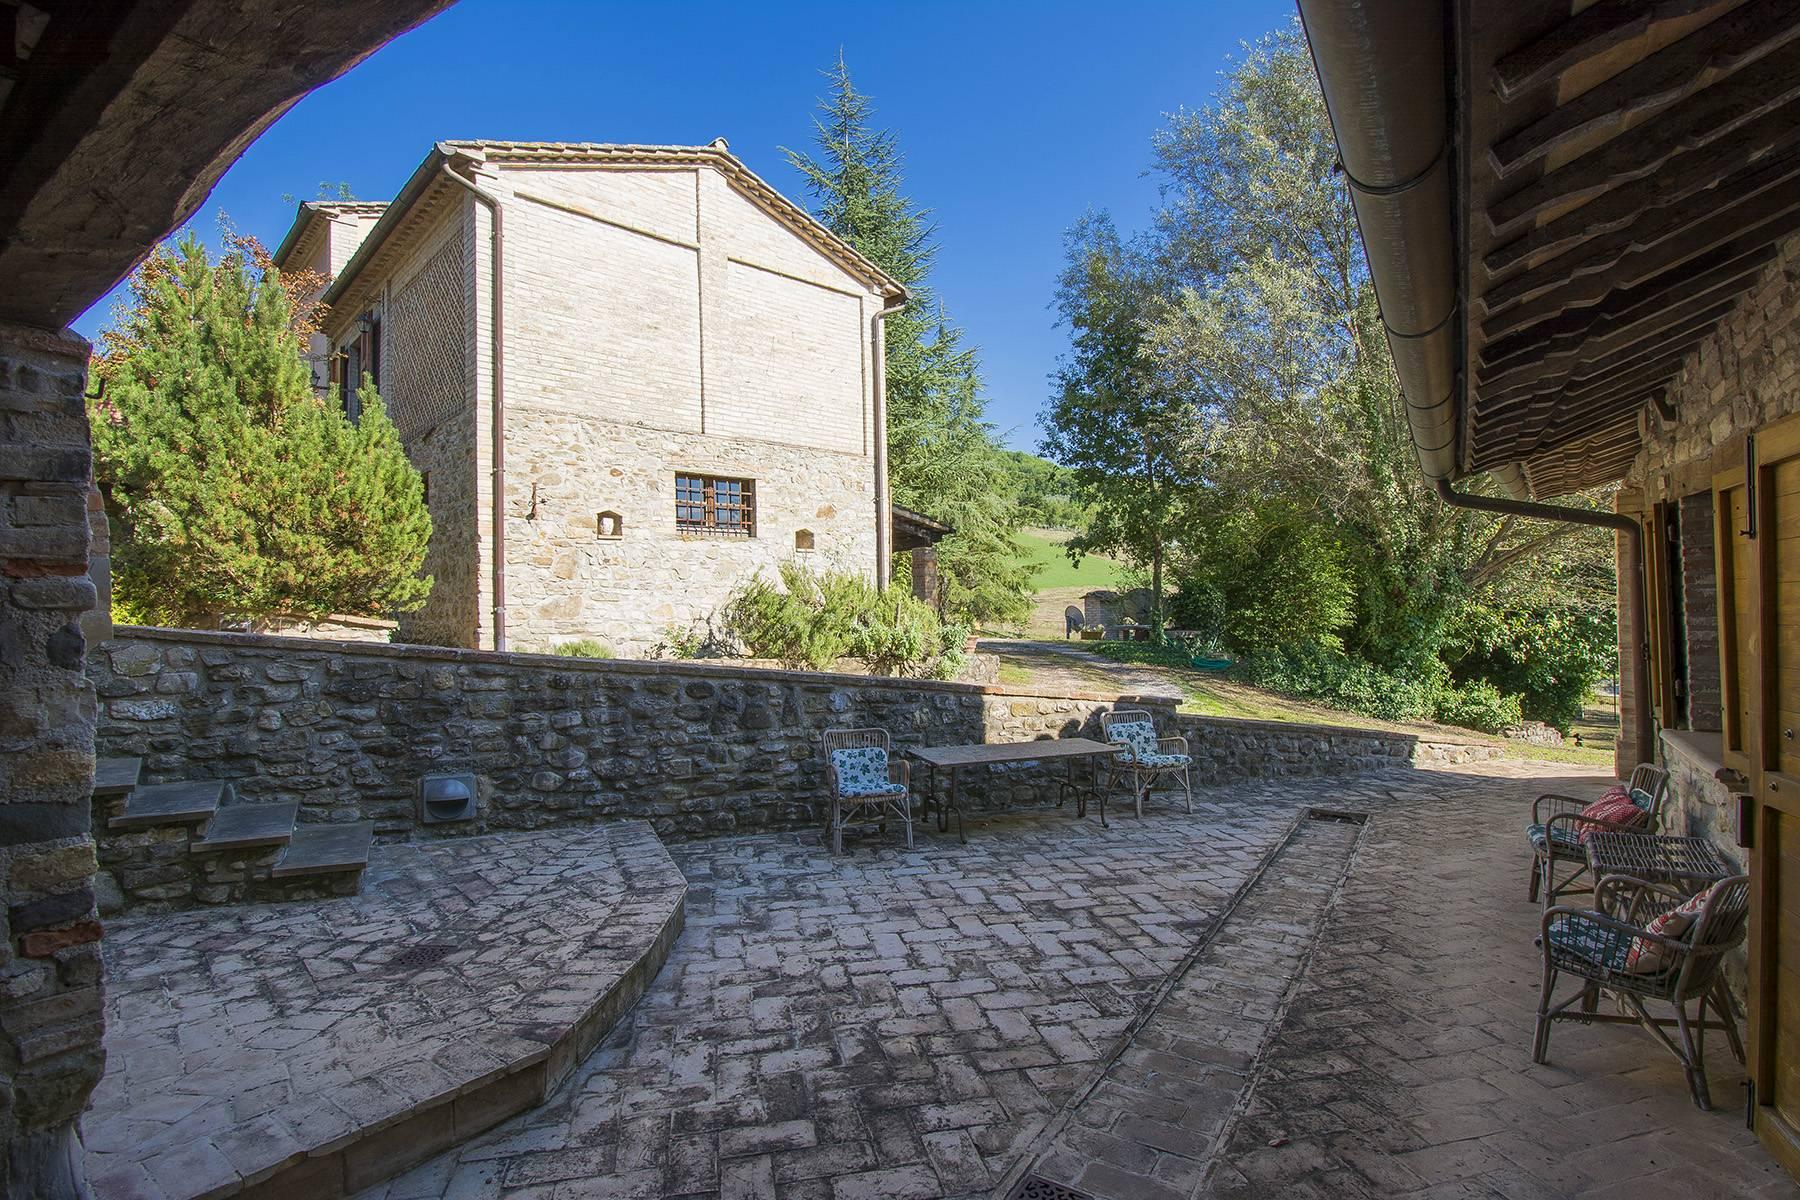 Rustico in Vendita a Montone: 5 locali, 700 mq - Foto 26